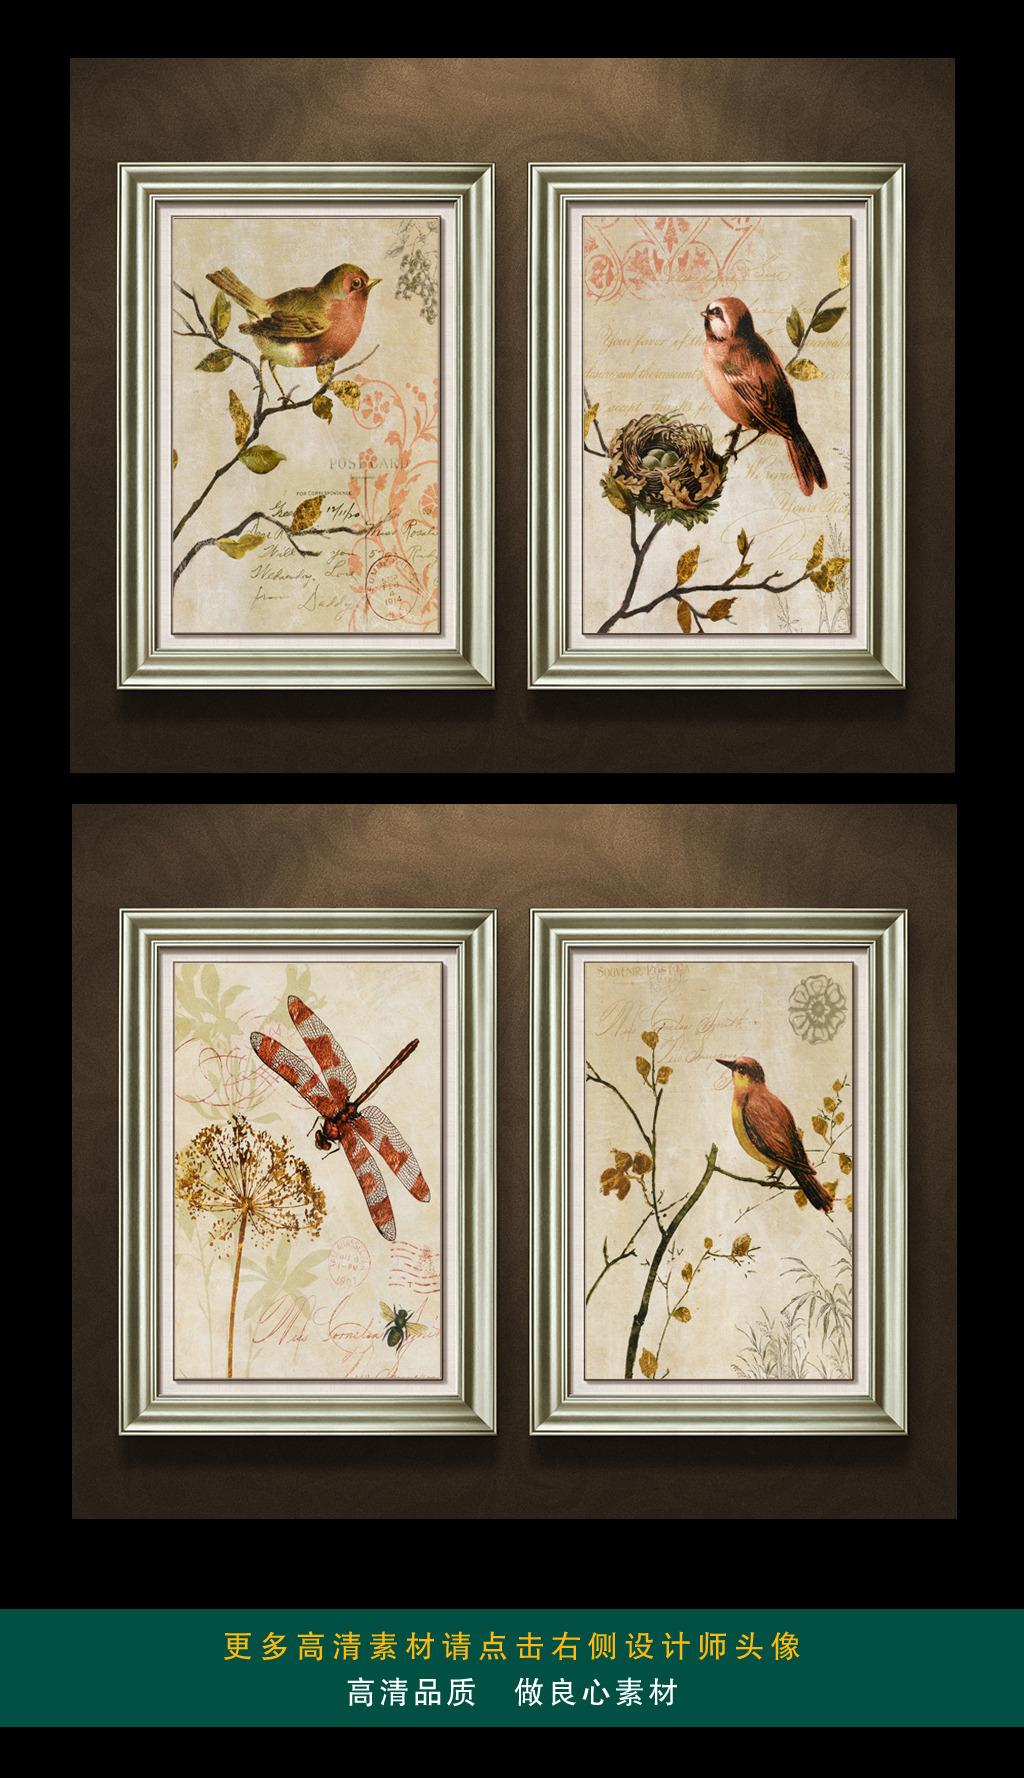 美克美家复古手绘小鸟装饰画